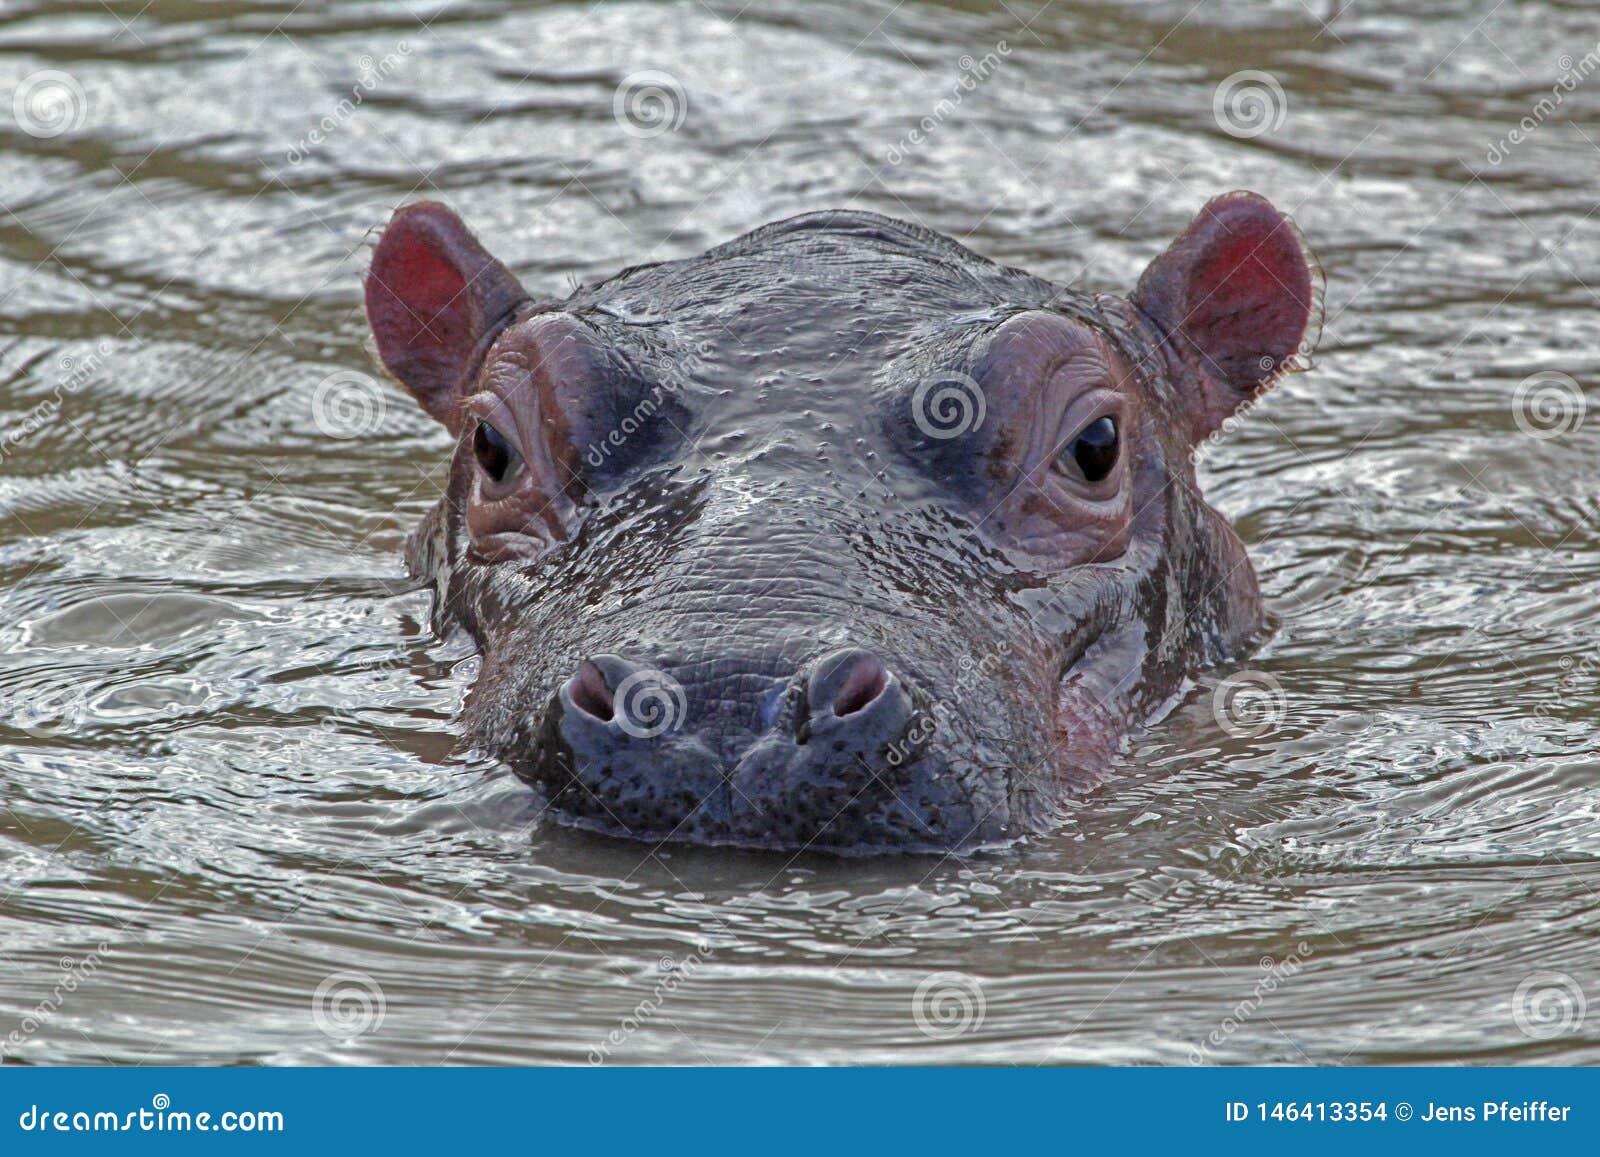 Гиппопотам в воде, национальный парк iSimangaliso, Южная Африка